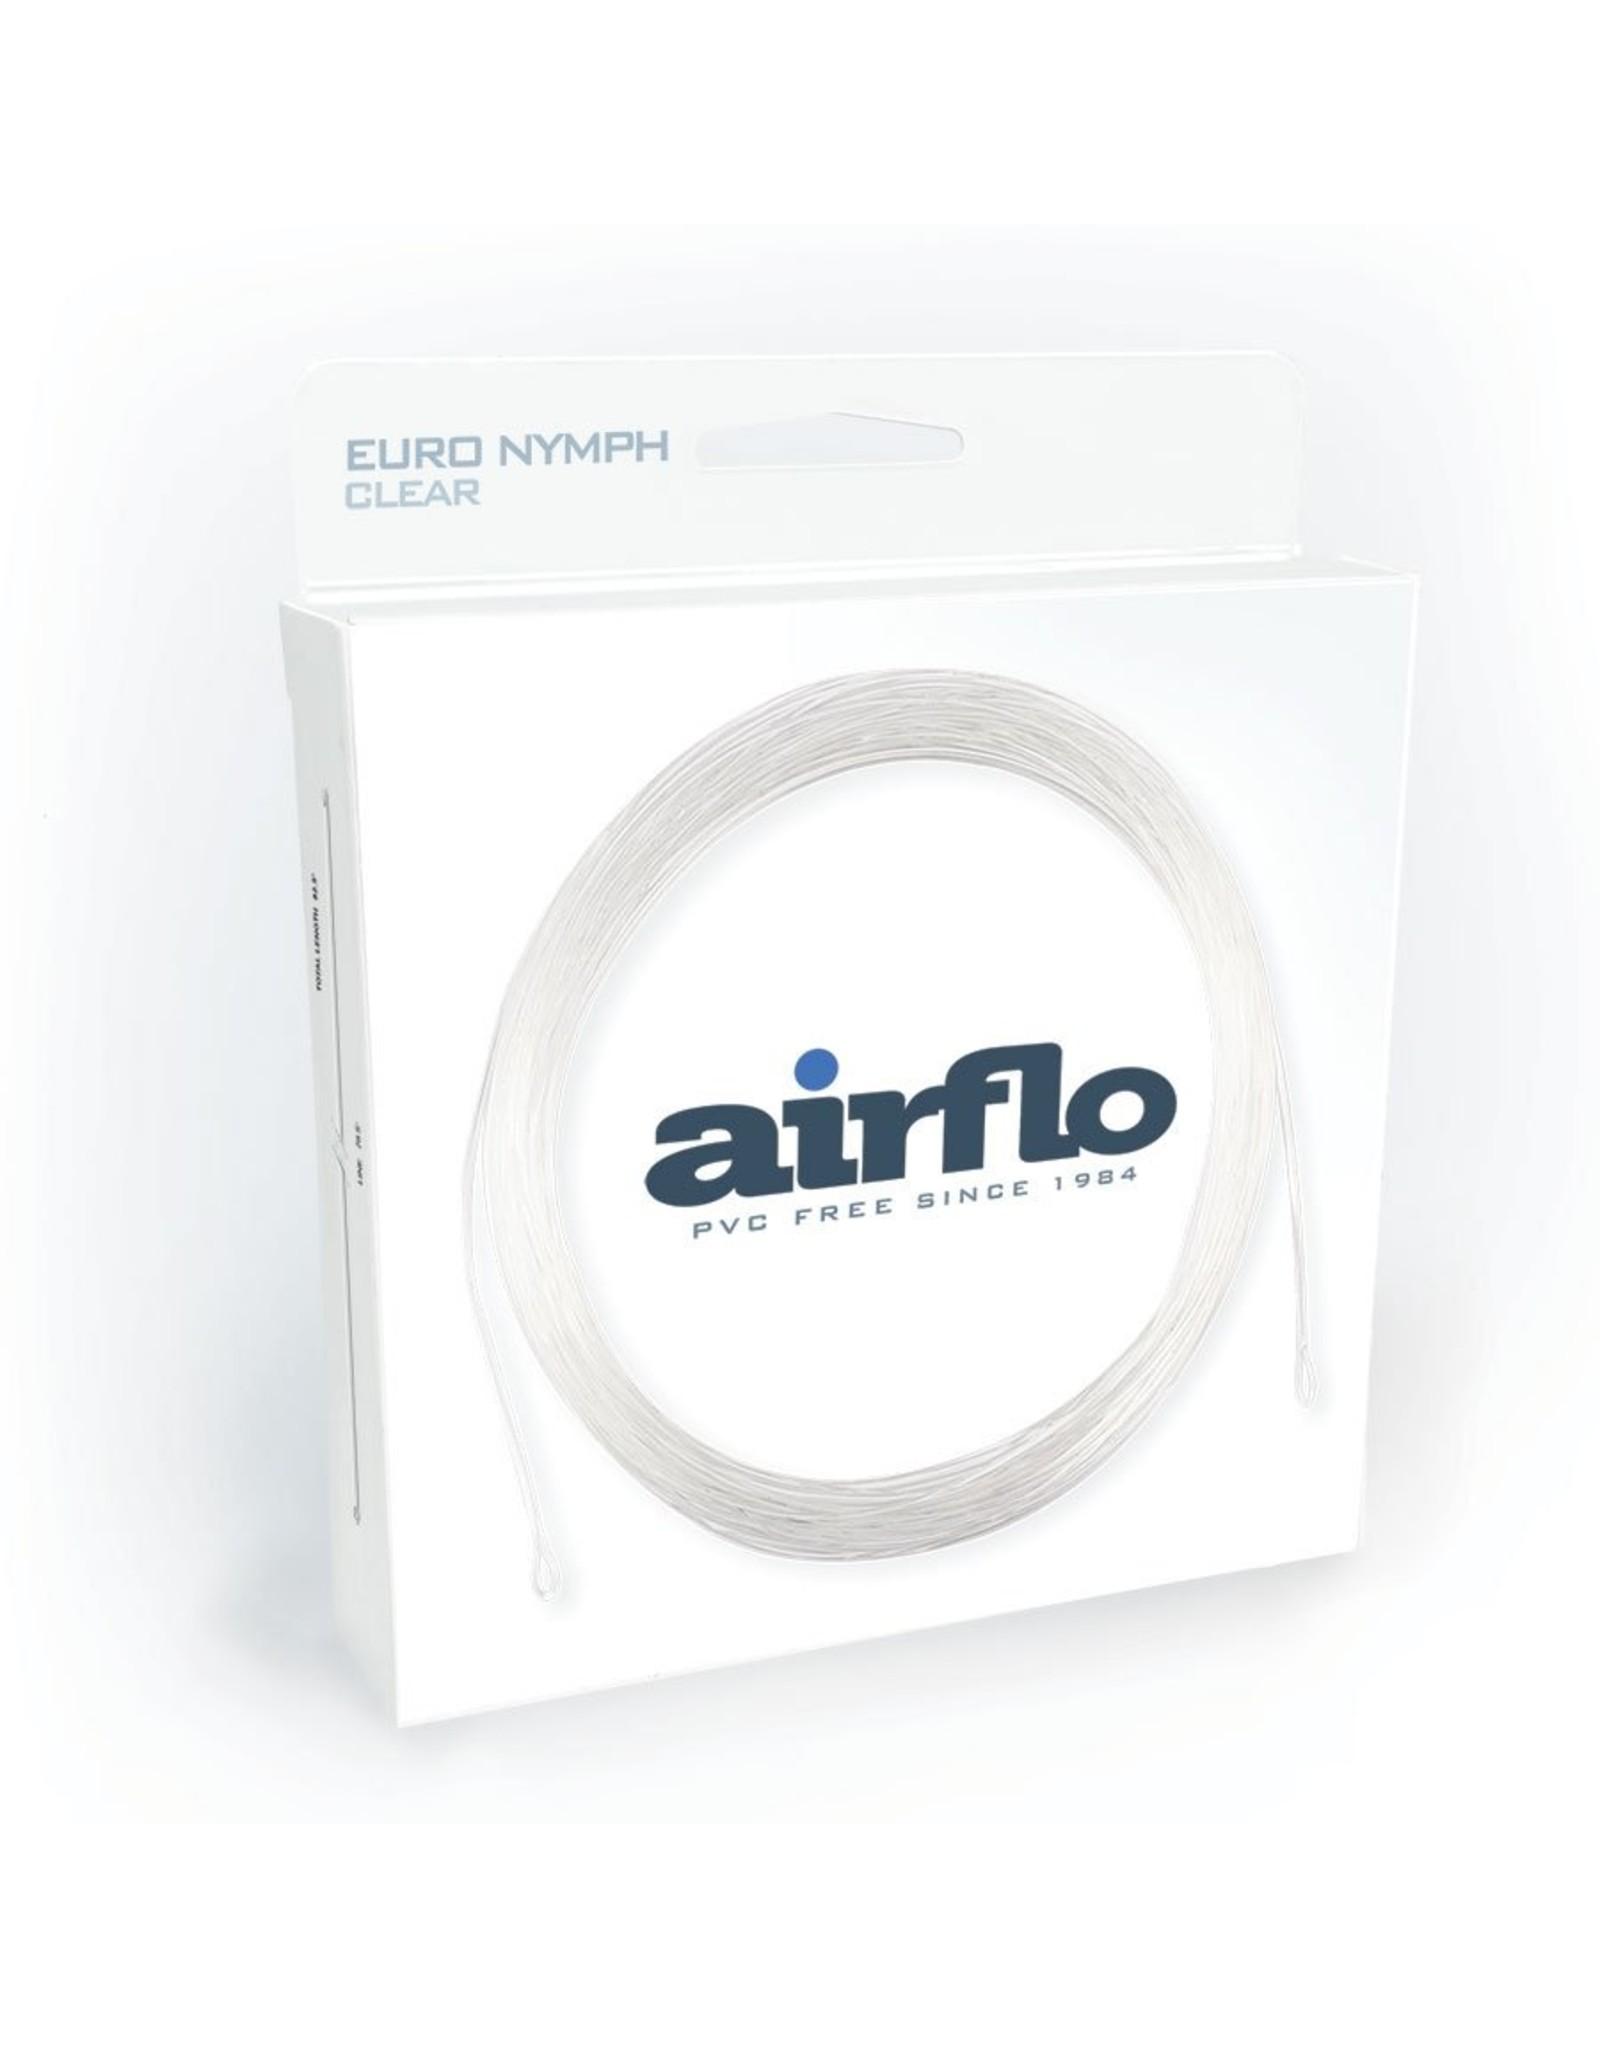 Airflo Airflo SuperDri Euro Nymph Line (Clear)